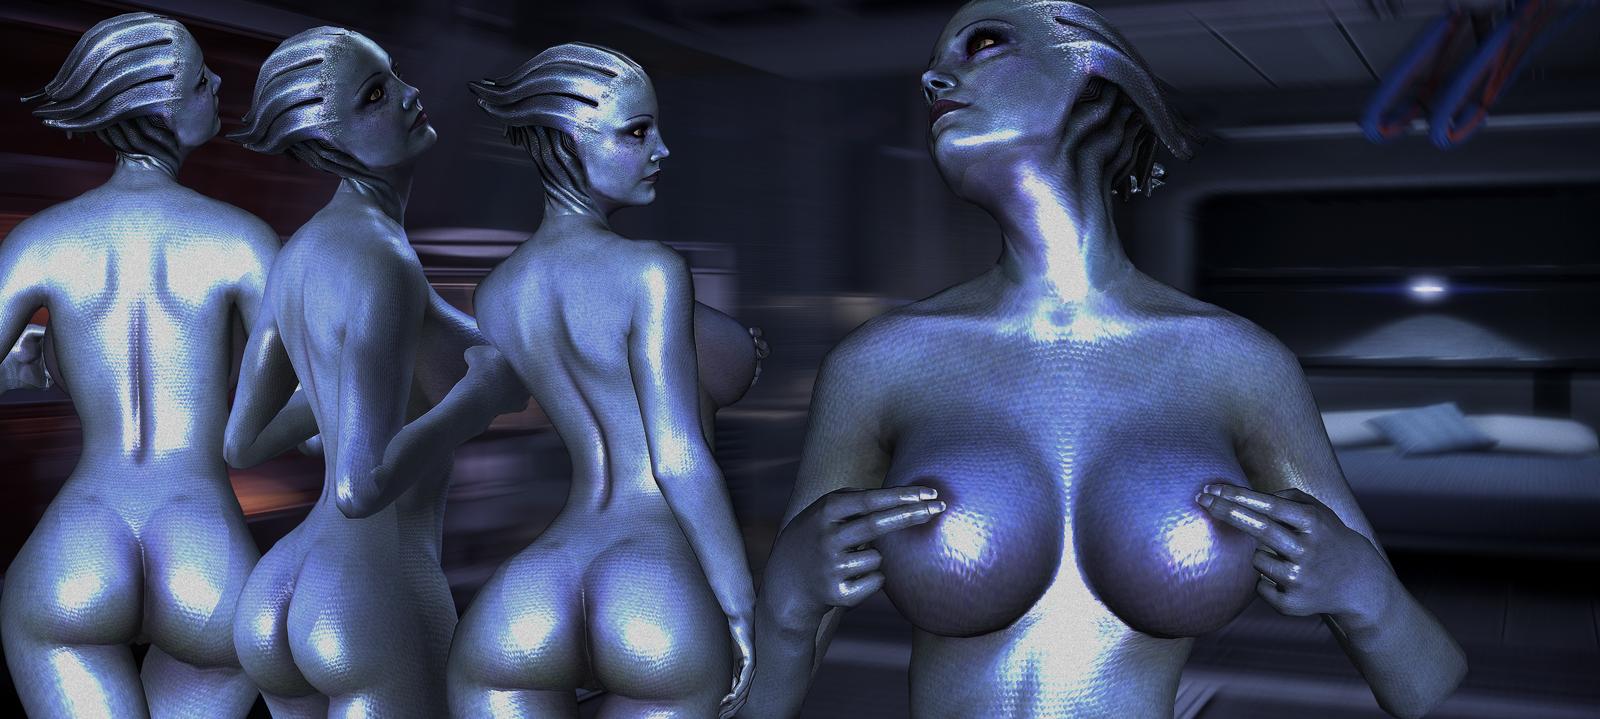 eroticheskie-kartinki-iz-mass-effekt